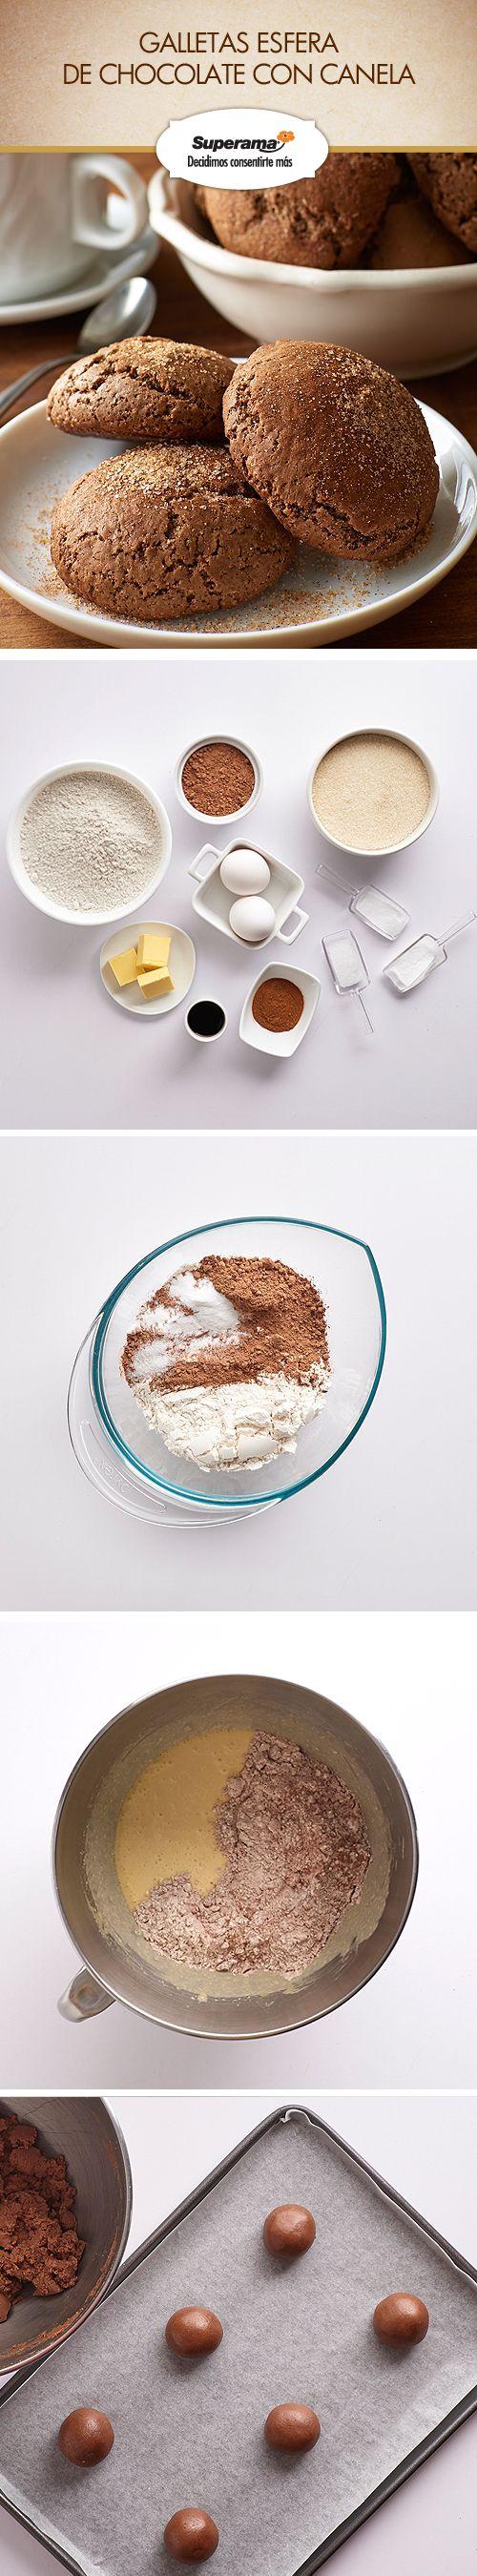 Mezcla 2 ¼ tzs. de harina, ½ tz. de cocoa, 1 cdita. de cremor tártaro, ½ cdita. de bicarbonato de sodio y ¼ cdta. de sal, reserva. Bate ¼ tz. de mantequilla y 1 ½ tzs. de azúcar por 3 min. Agrega 2 huevos y 1 cdita. de vainilla, bate 1 min. más. Baja la velocidad y añade la mezcla de harina. Forma bolitas de 5 cm con esa masa y refrigéralas por 30 min. en una charola con papel siliconado. Hornea a 190 ºC de 12 a 15 min. Deja enfriar. Revuélcalas en 3 cdas. de azúcar y 1 cdita. de canela…